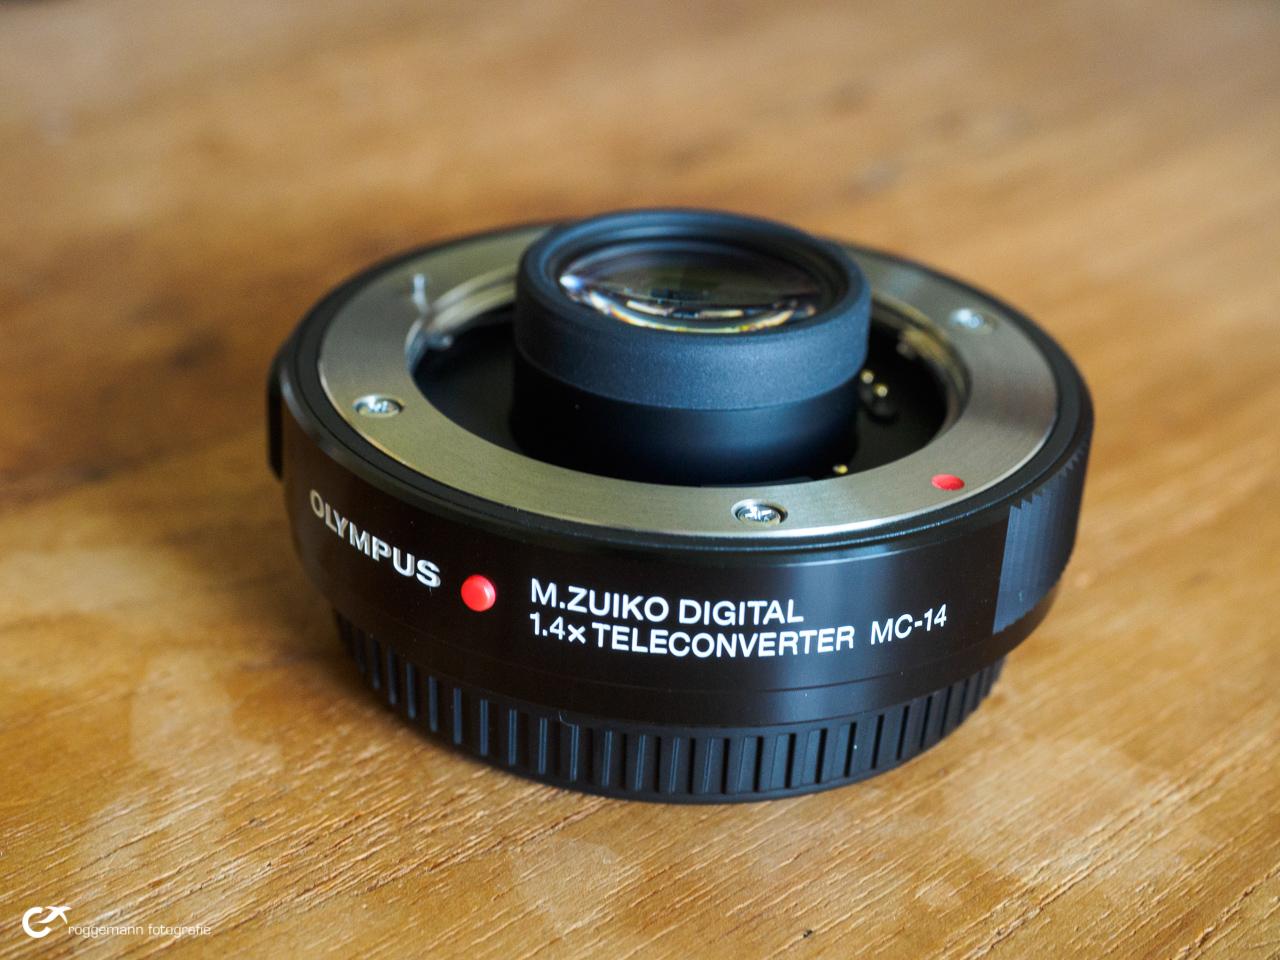 Olympus Teleconverter zum 40-150mm Teleobjektiv